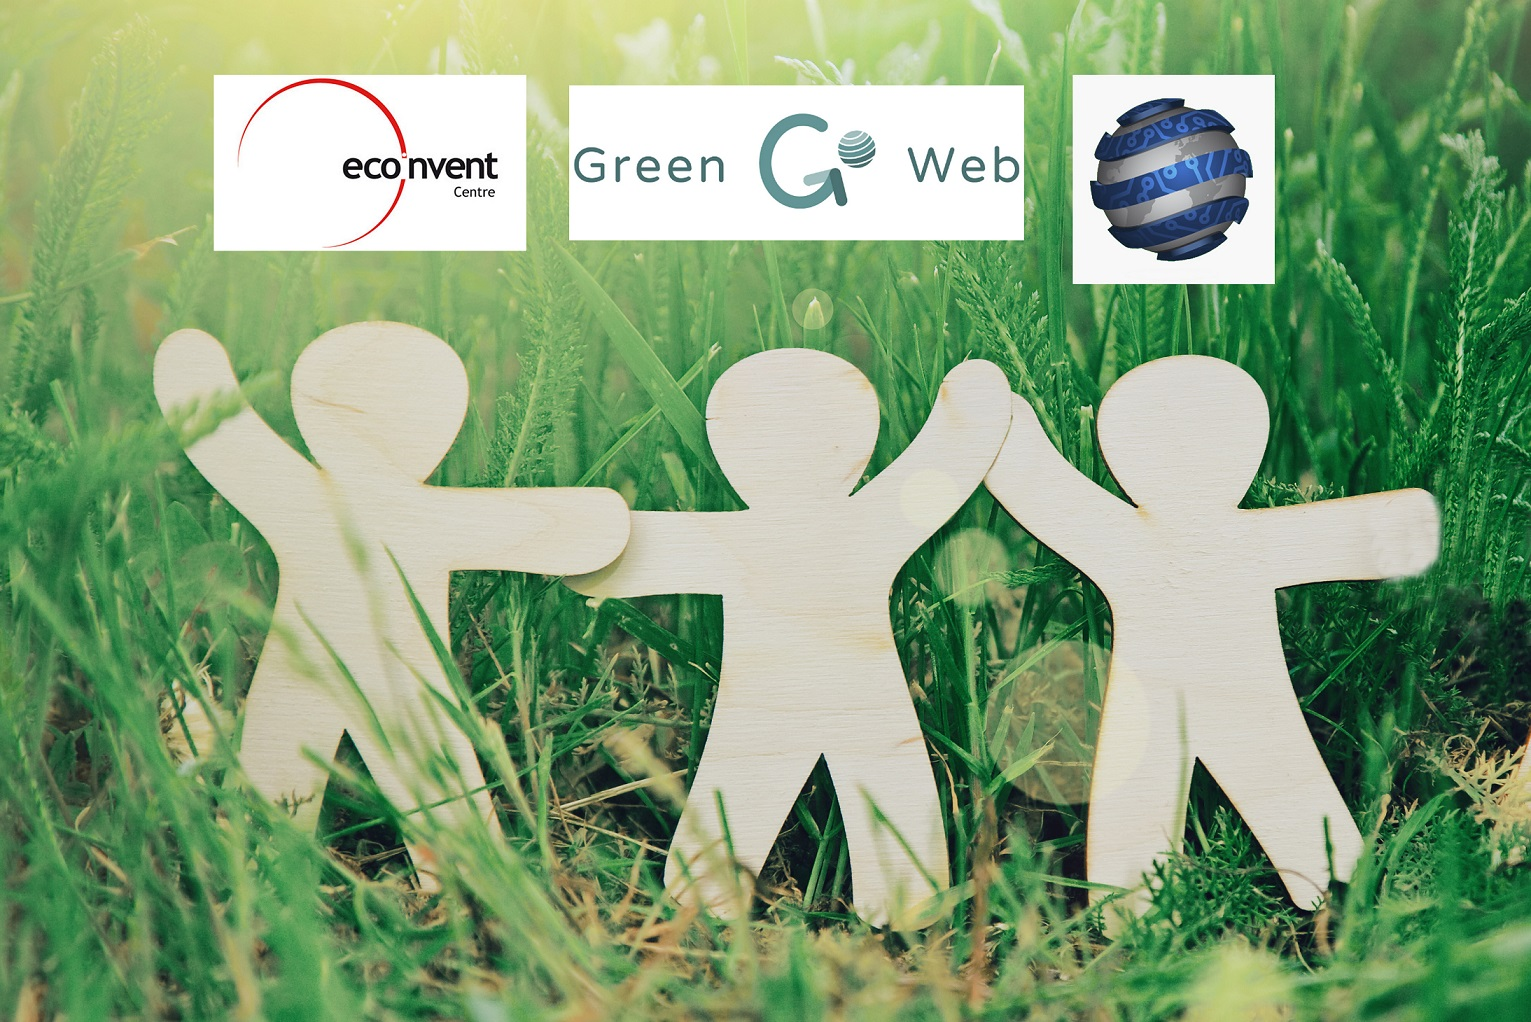 ictfootprint.eu greengoweb ecoinvent circular marketplace